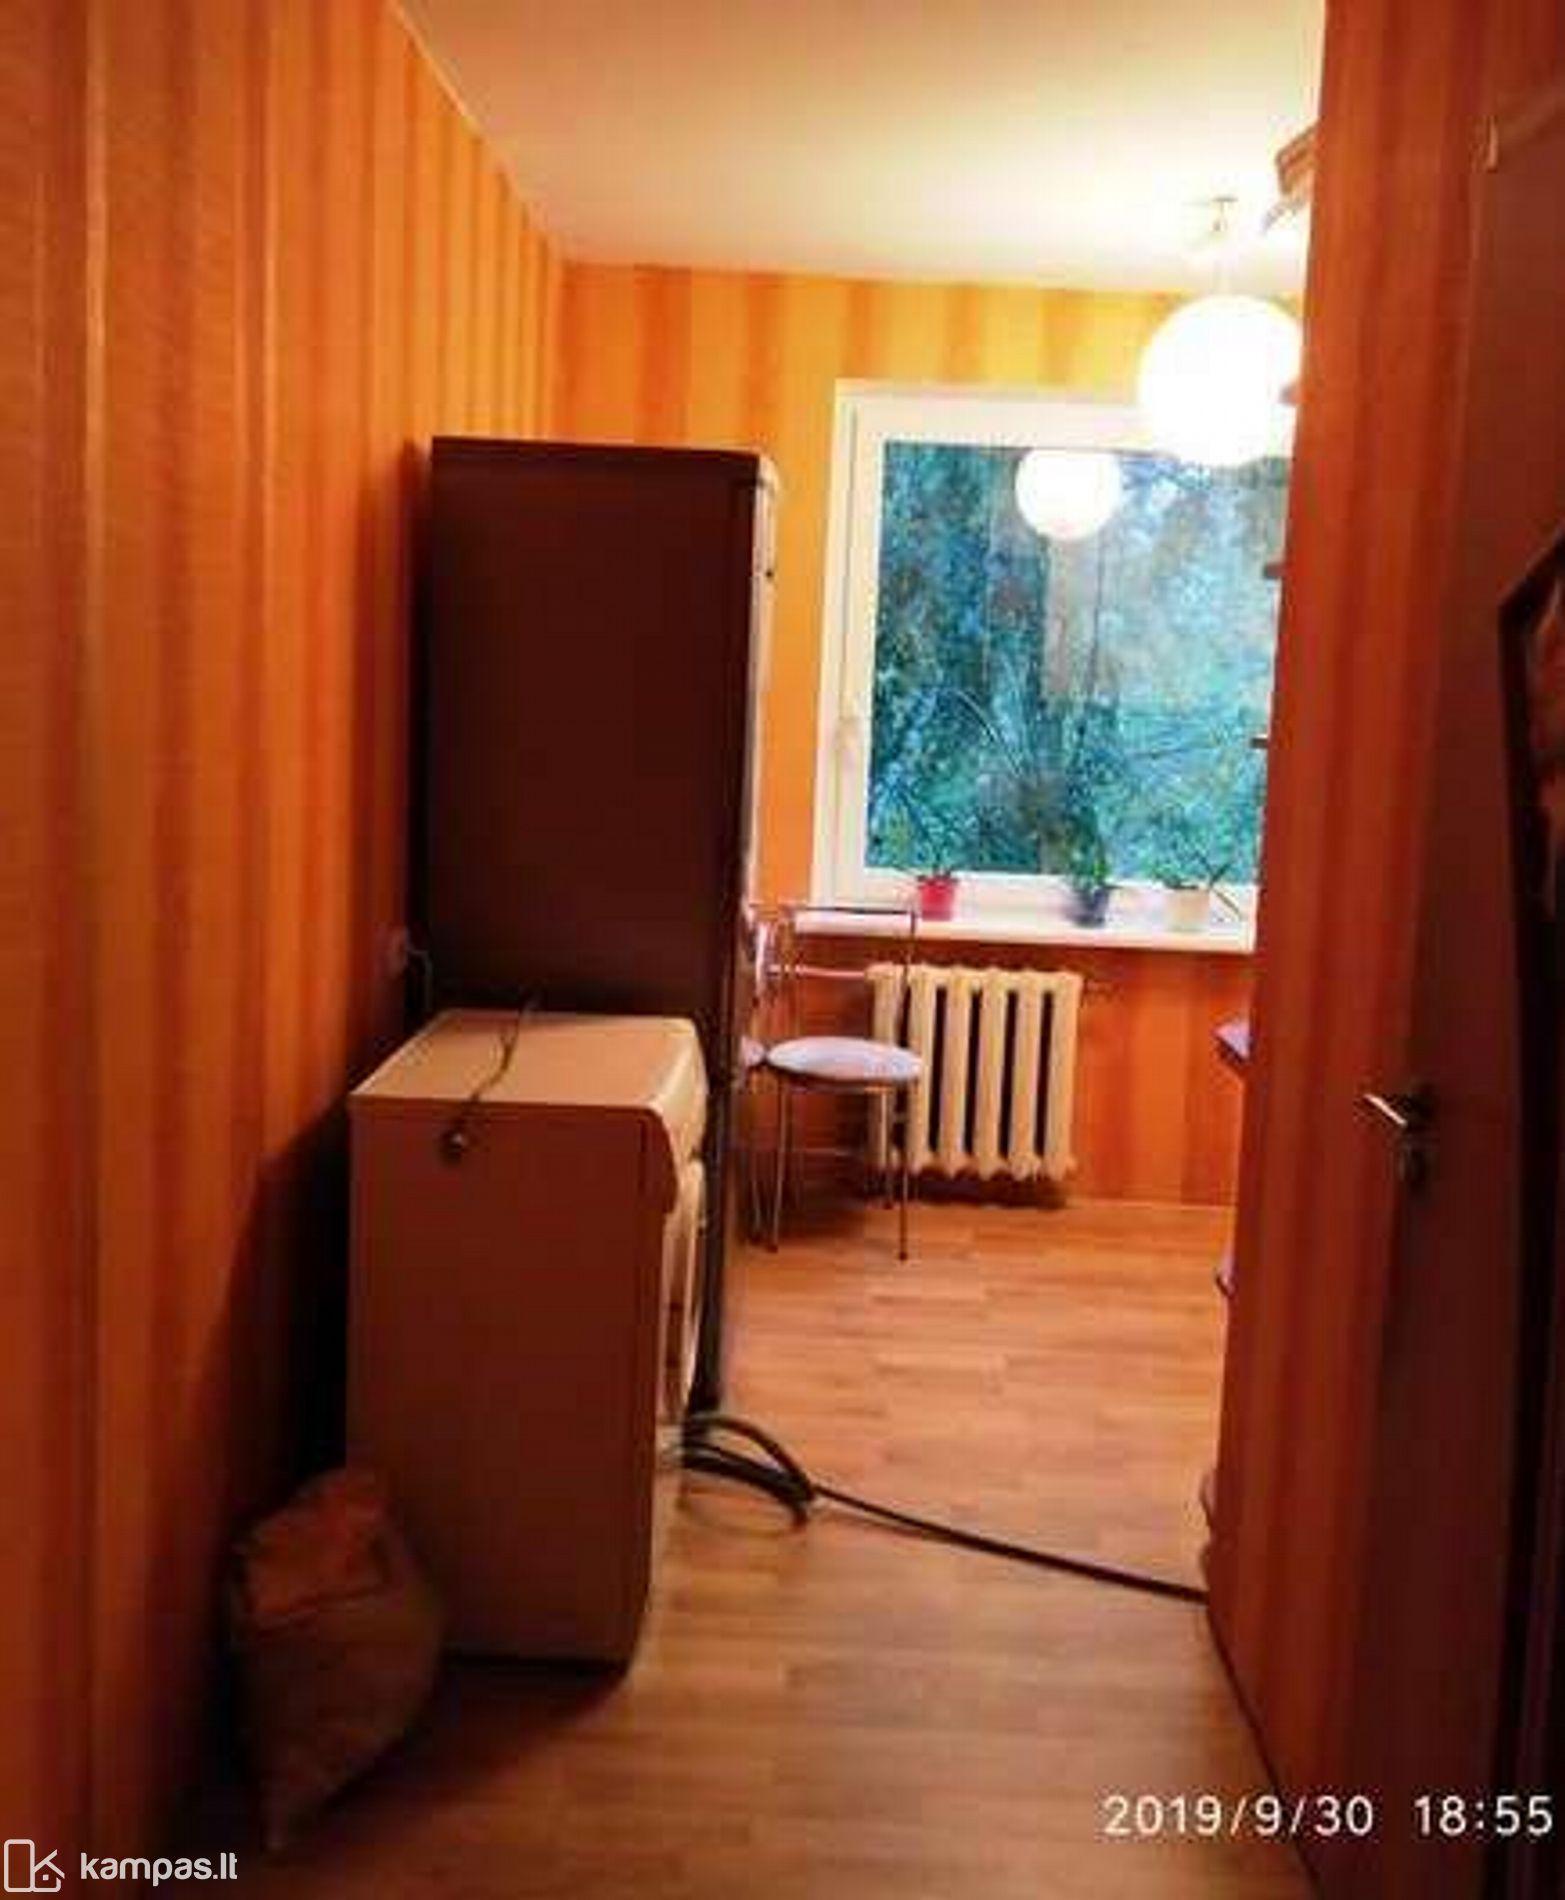 photo No.5 Klaipėda, Debrecenas, Naujakiemio g.